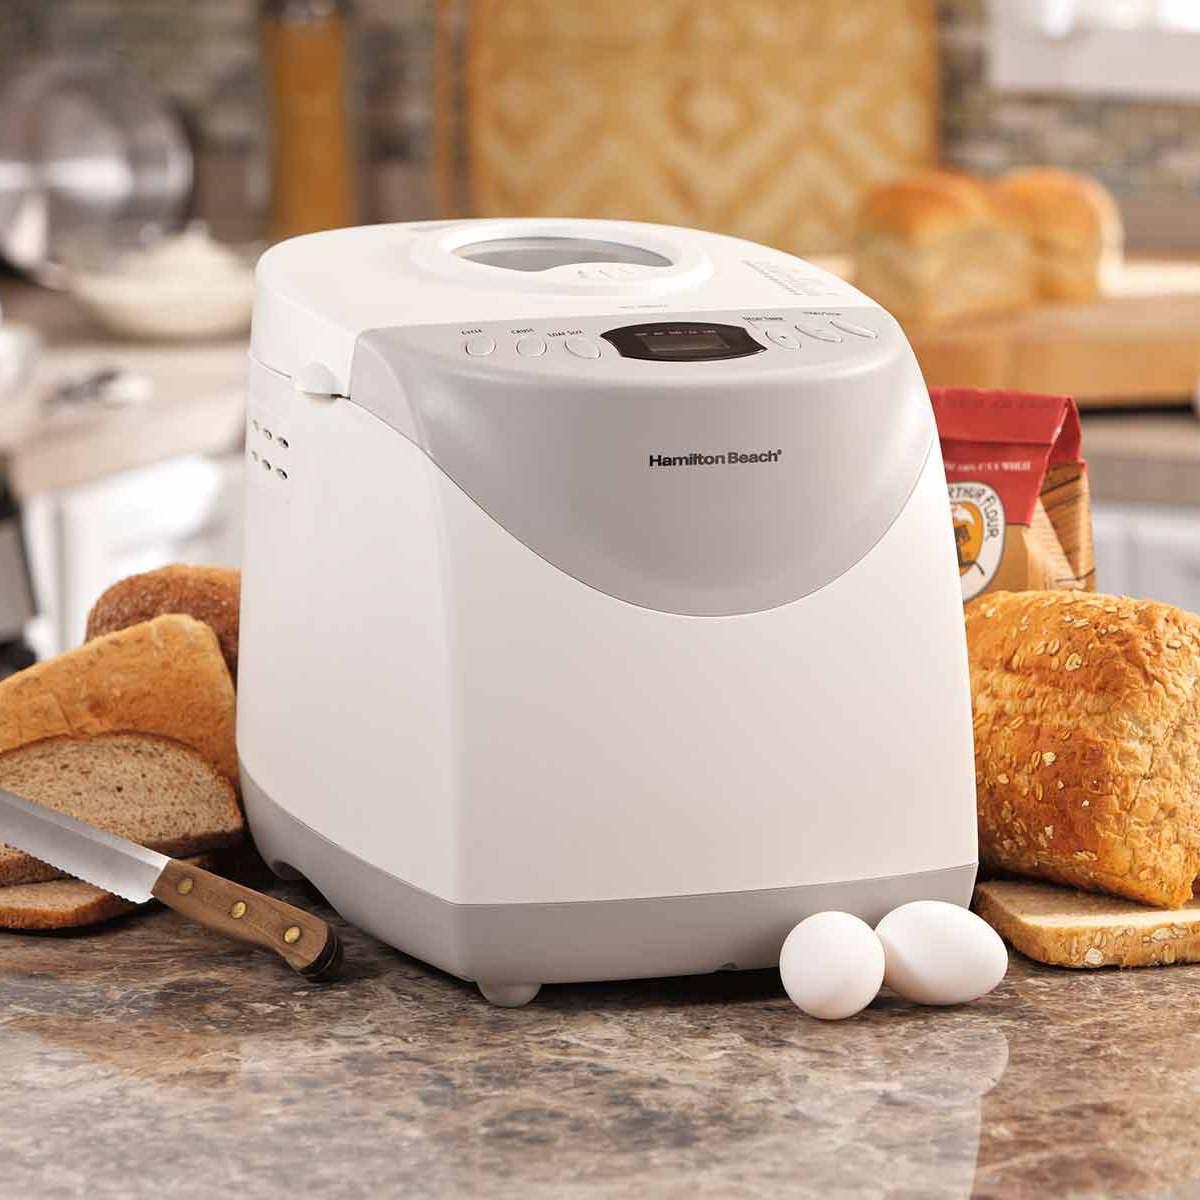 Hamilton Beach 2-lb Bread Machine Maker White